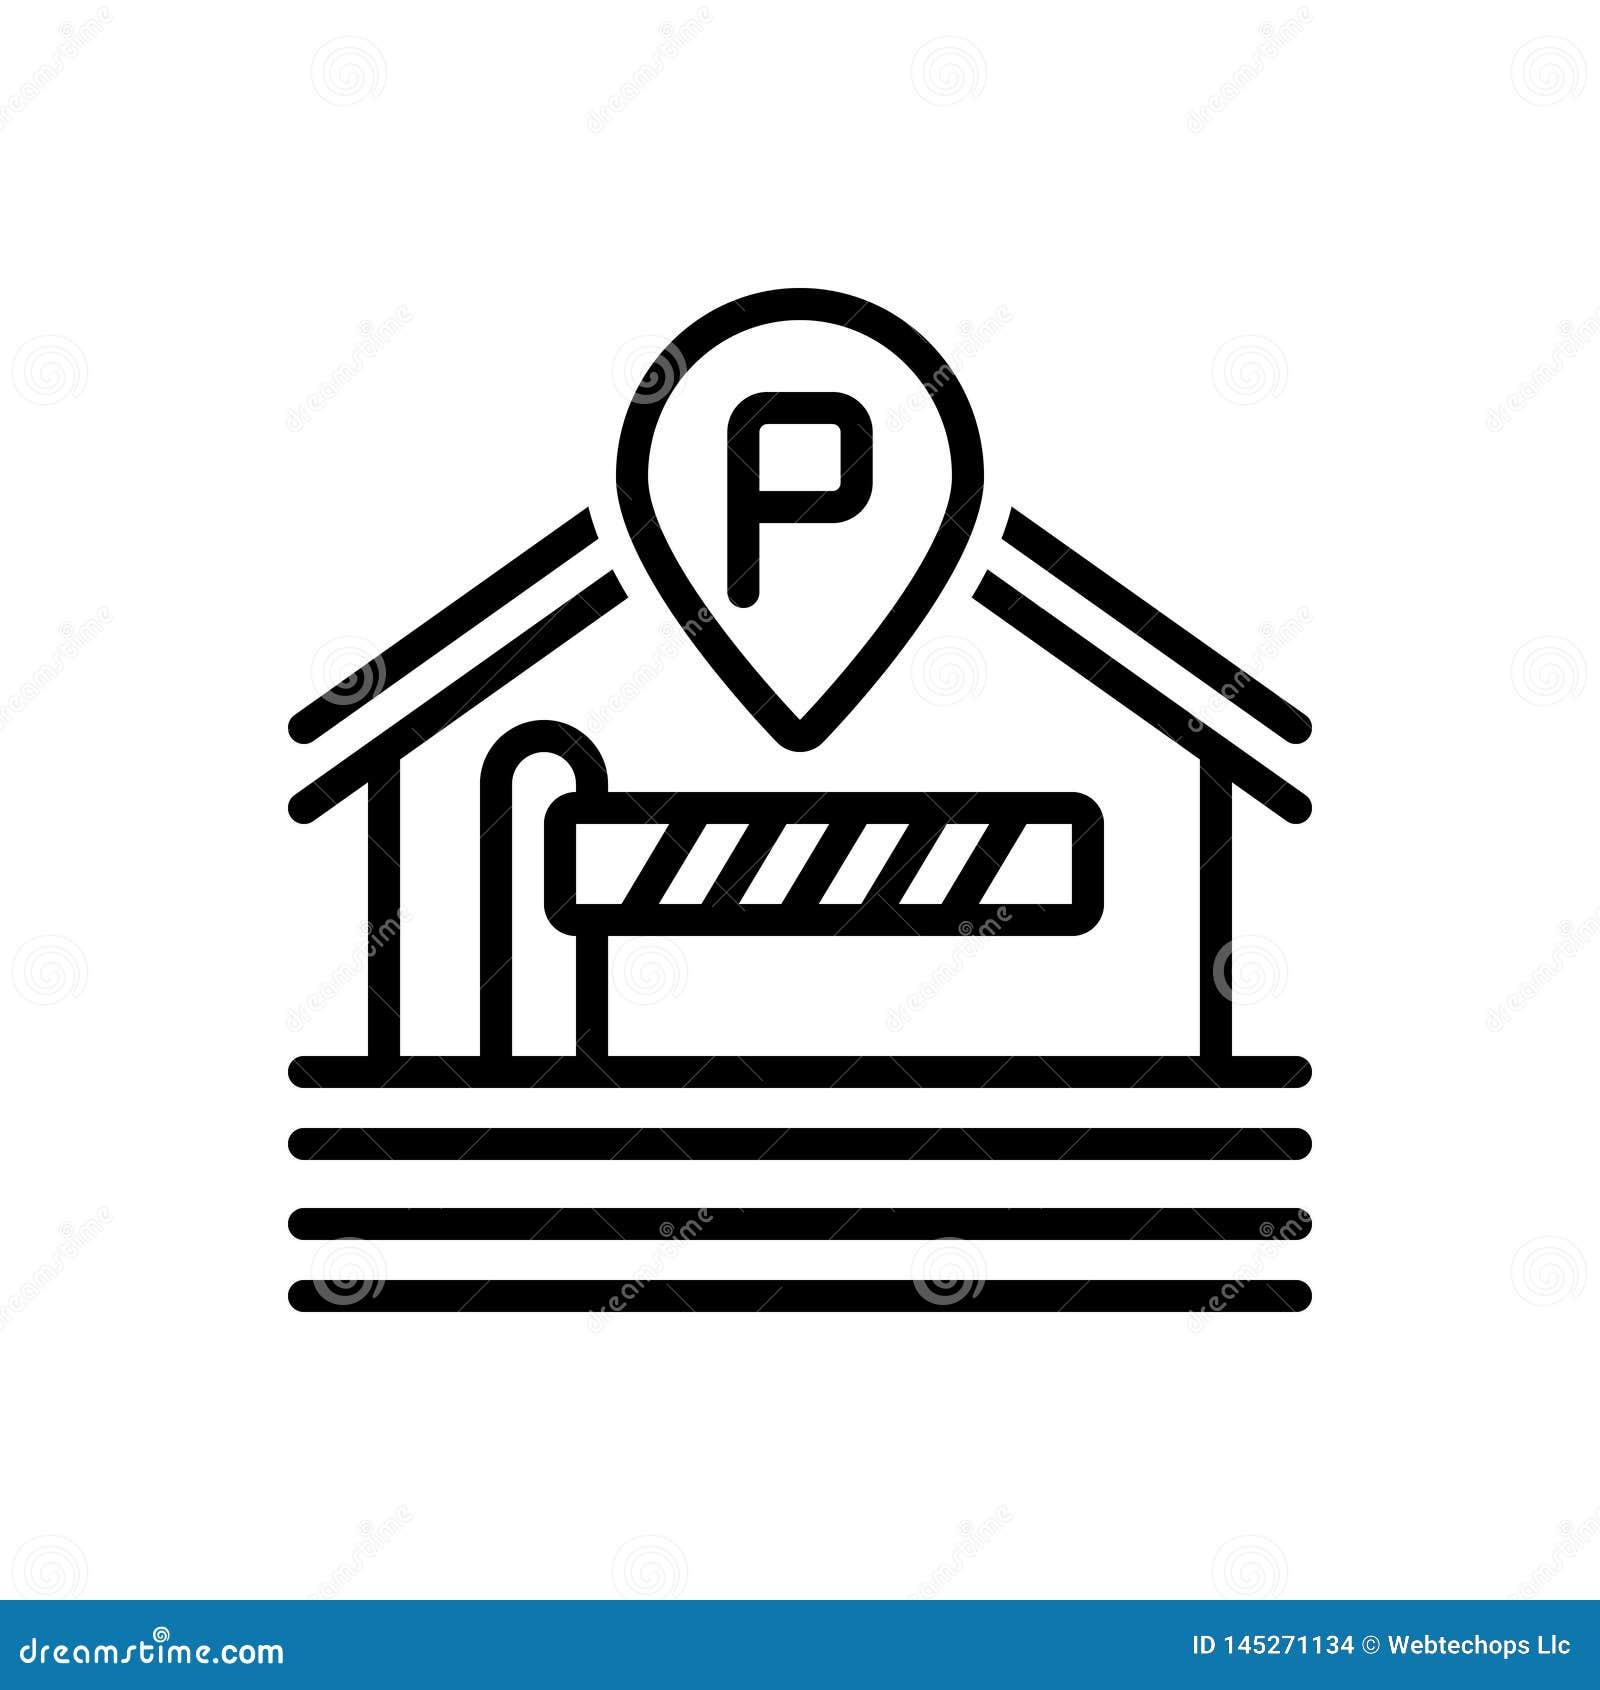 Schwarze Linie Ikone für das Parken, Sperre und Grenze